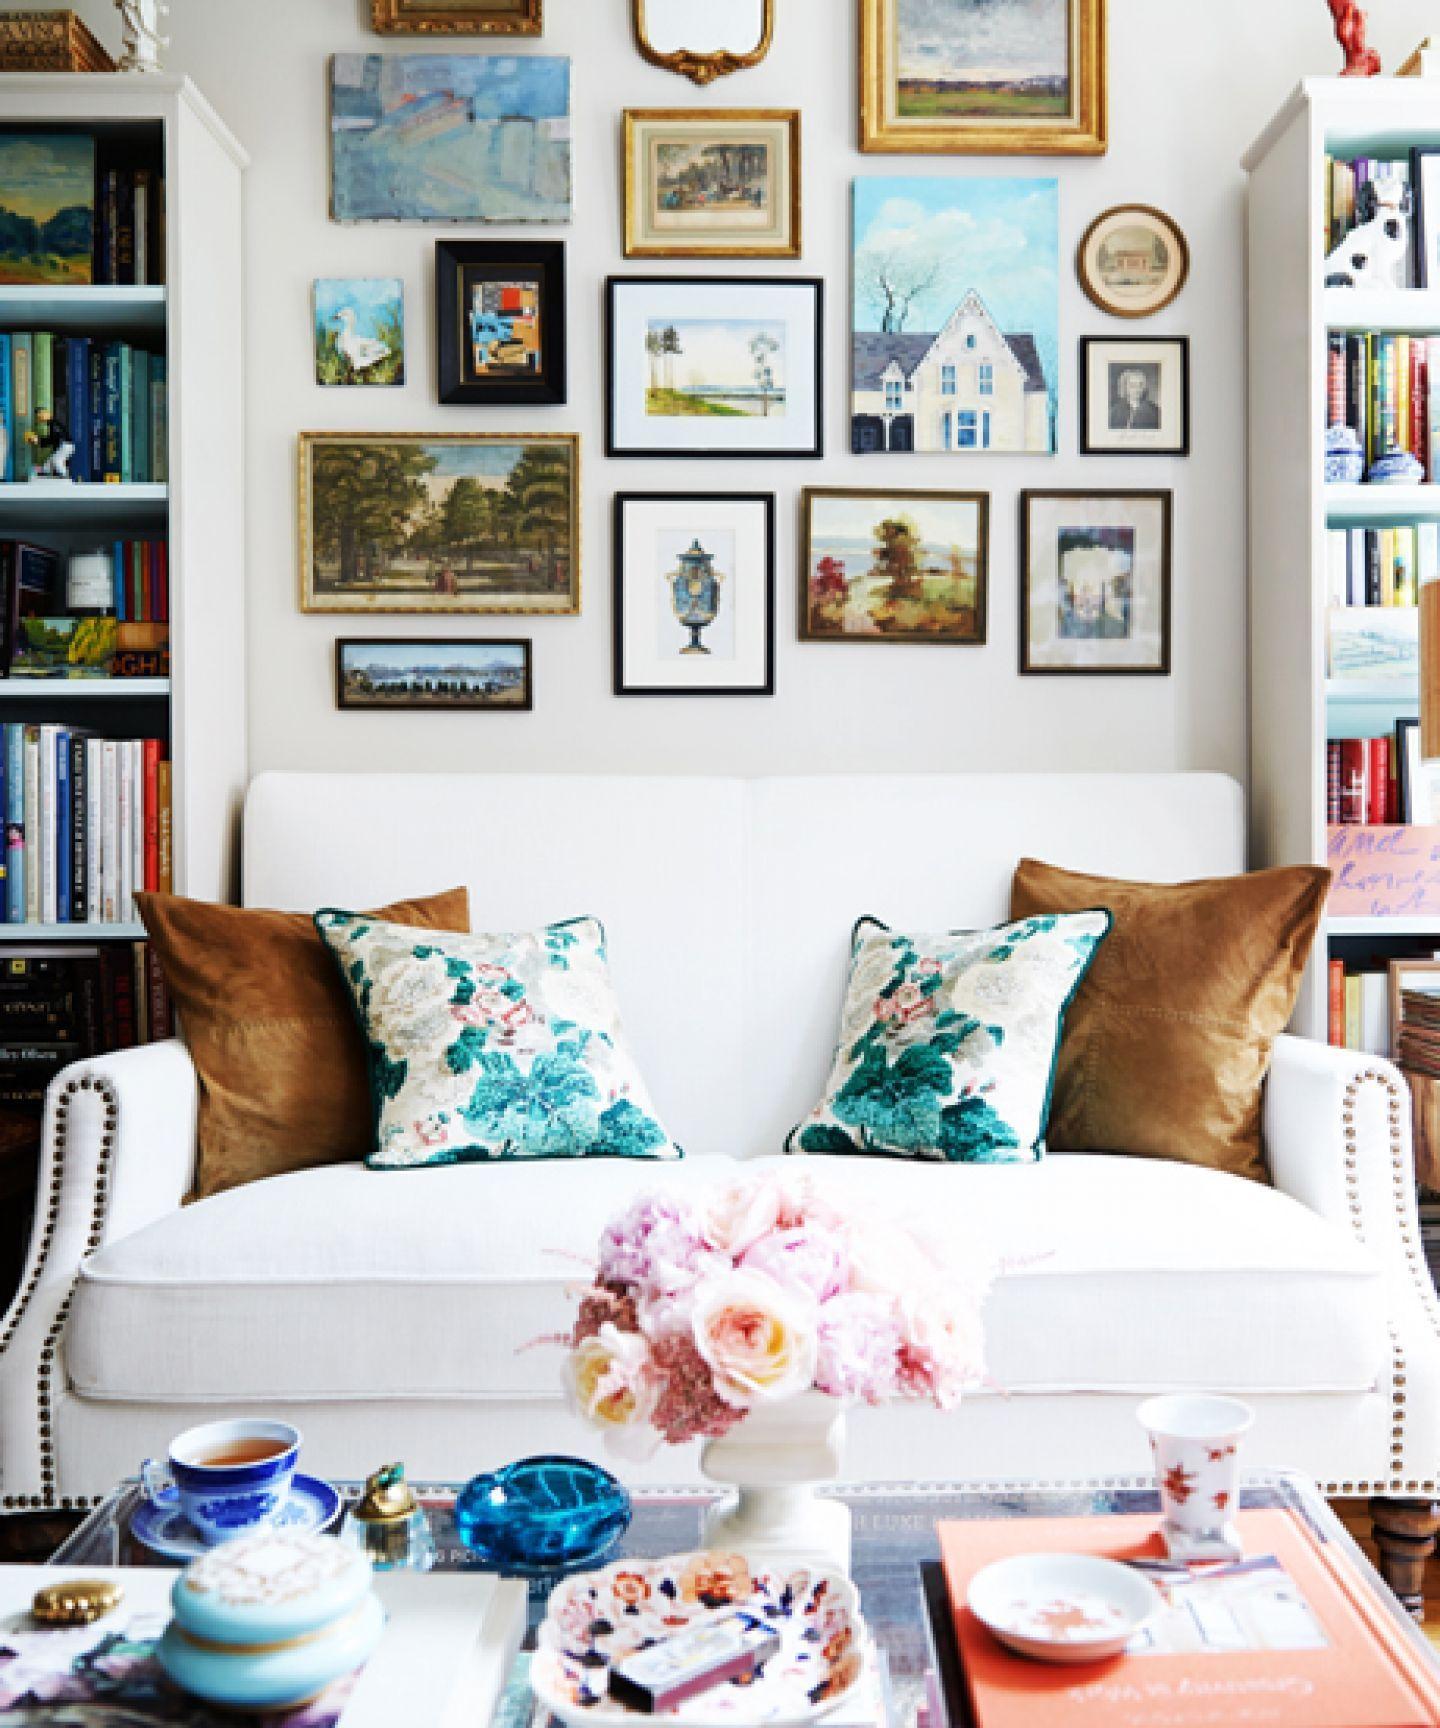 Sleek Bedroom Inspiration  June, 2018